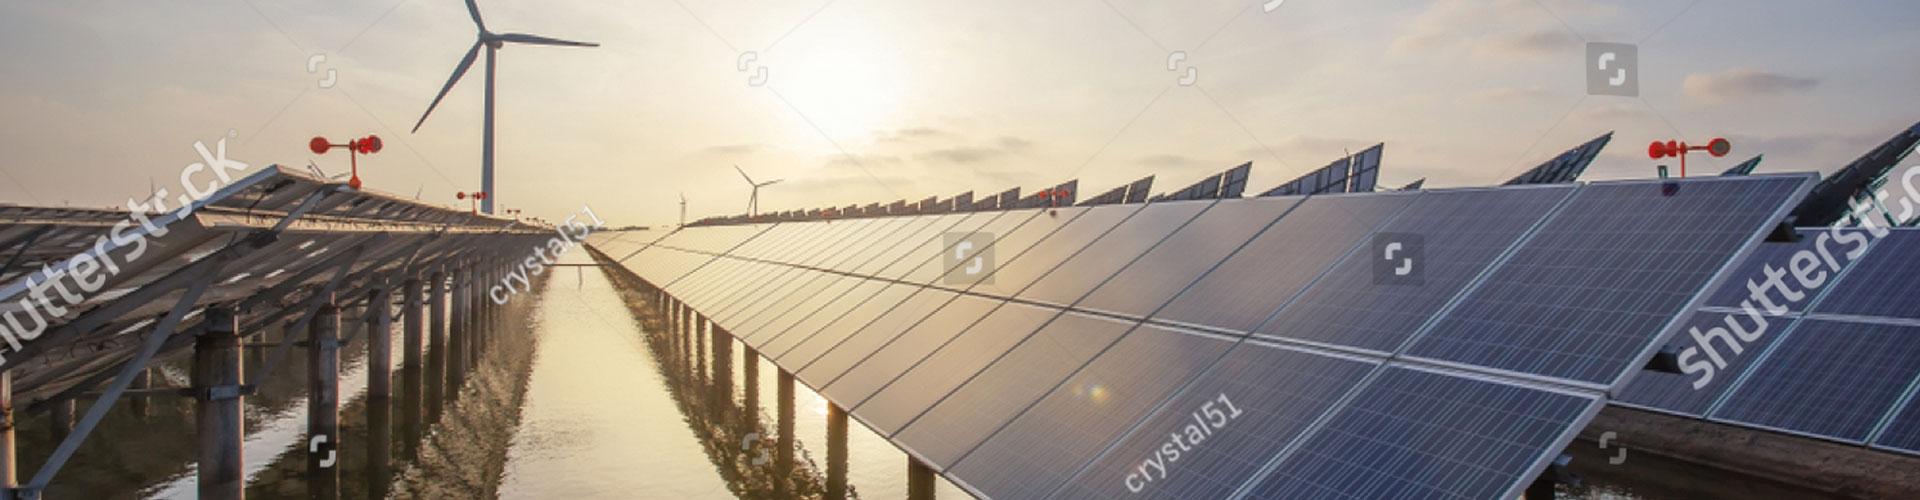 Energy - Senior Flexonics